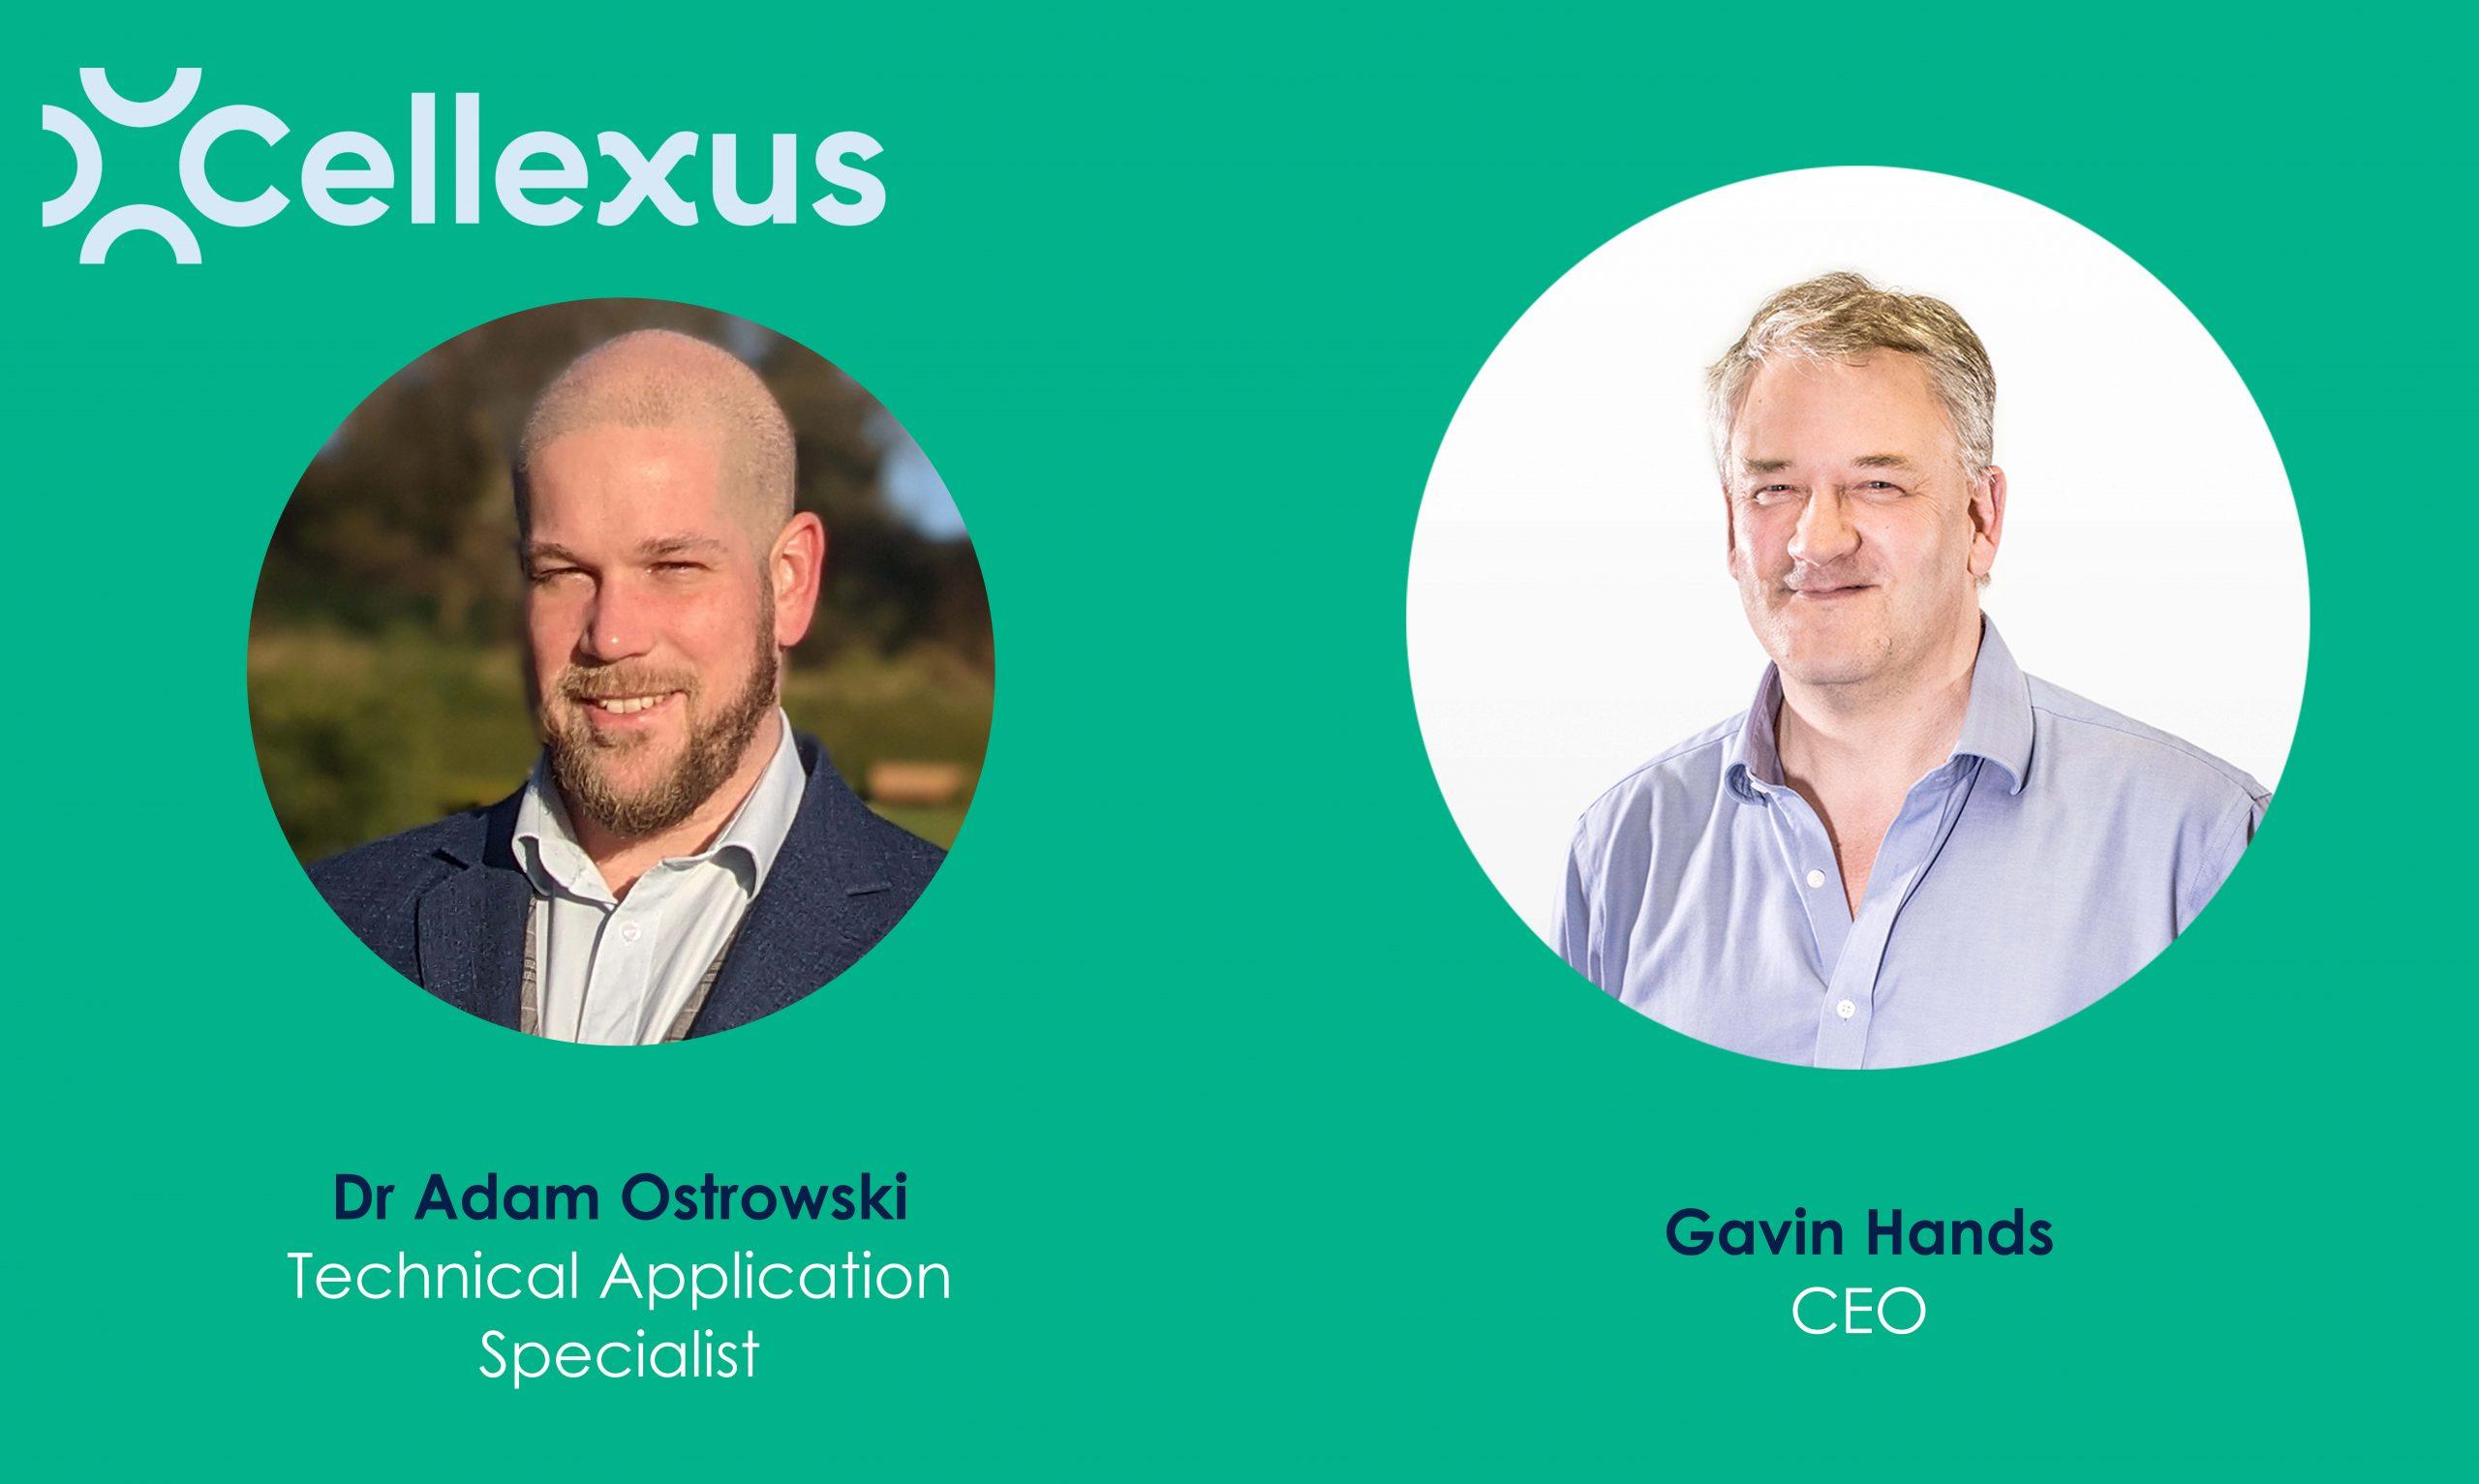 Meet the Cellexus team